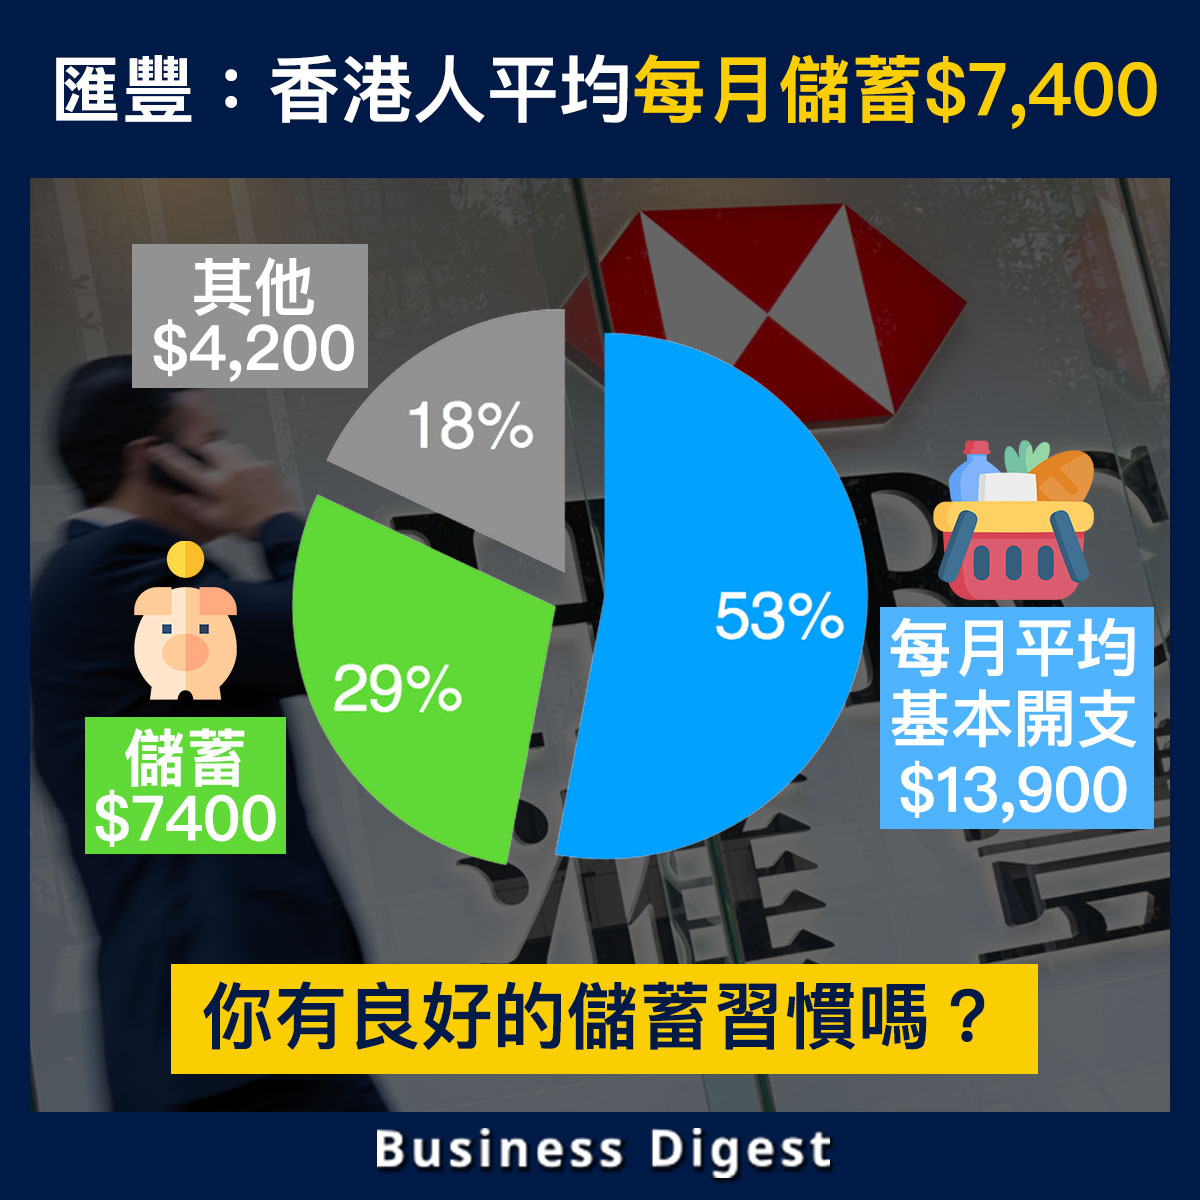 滙豐:香港人平均每月儲蓄$7,400